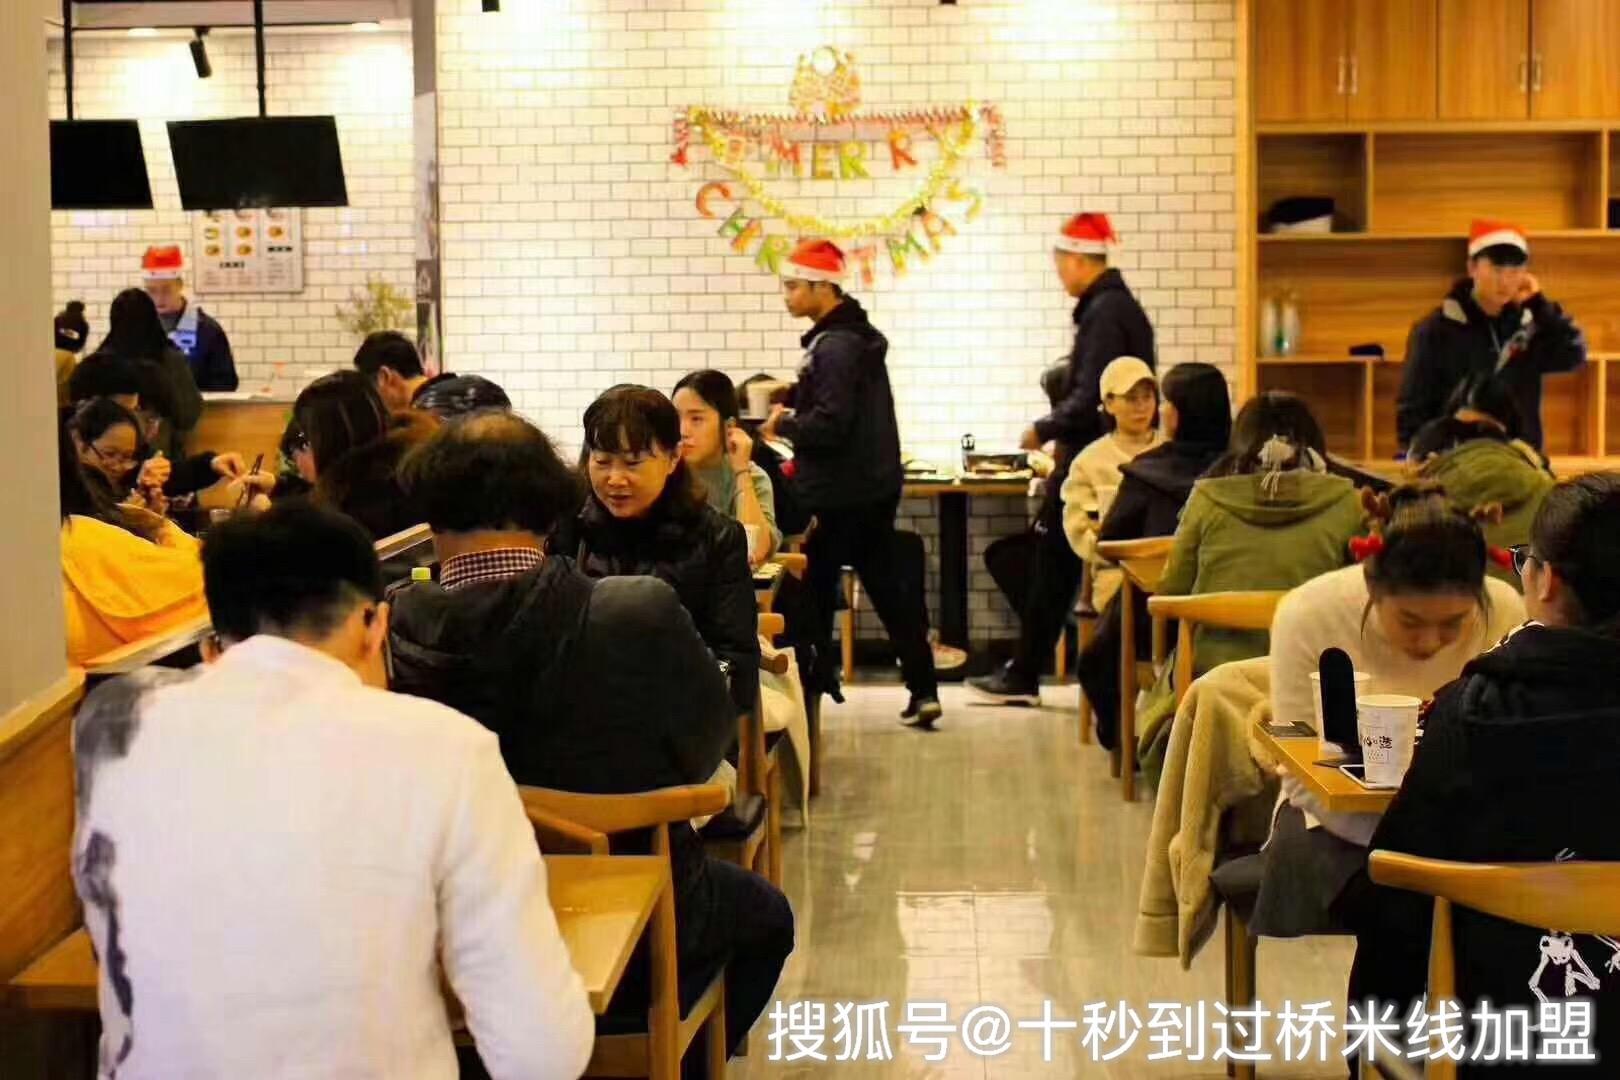 餐饮店生意越来越难做,该如何挽留顾客?